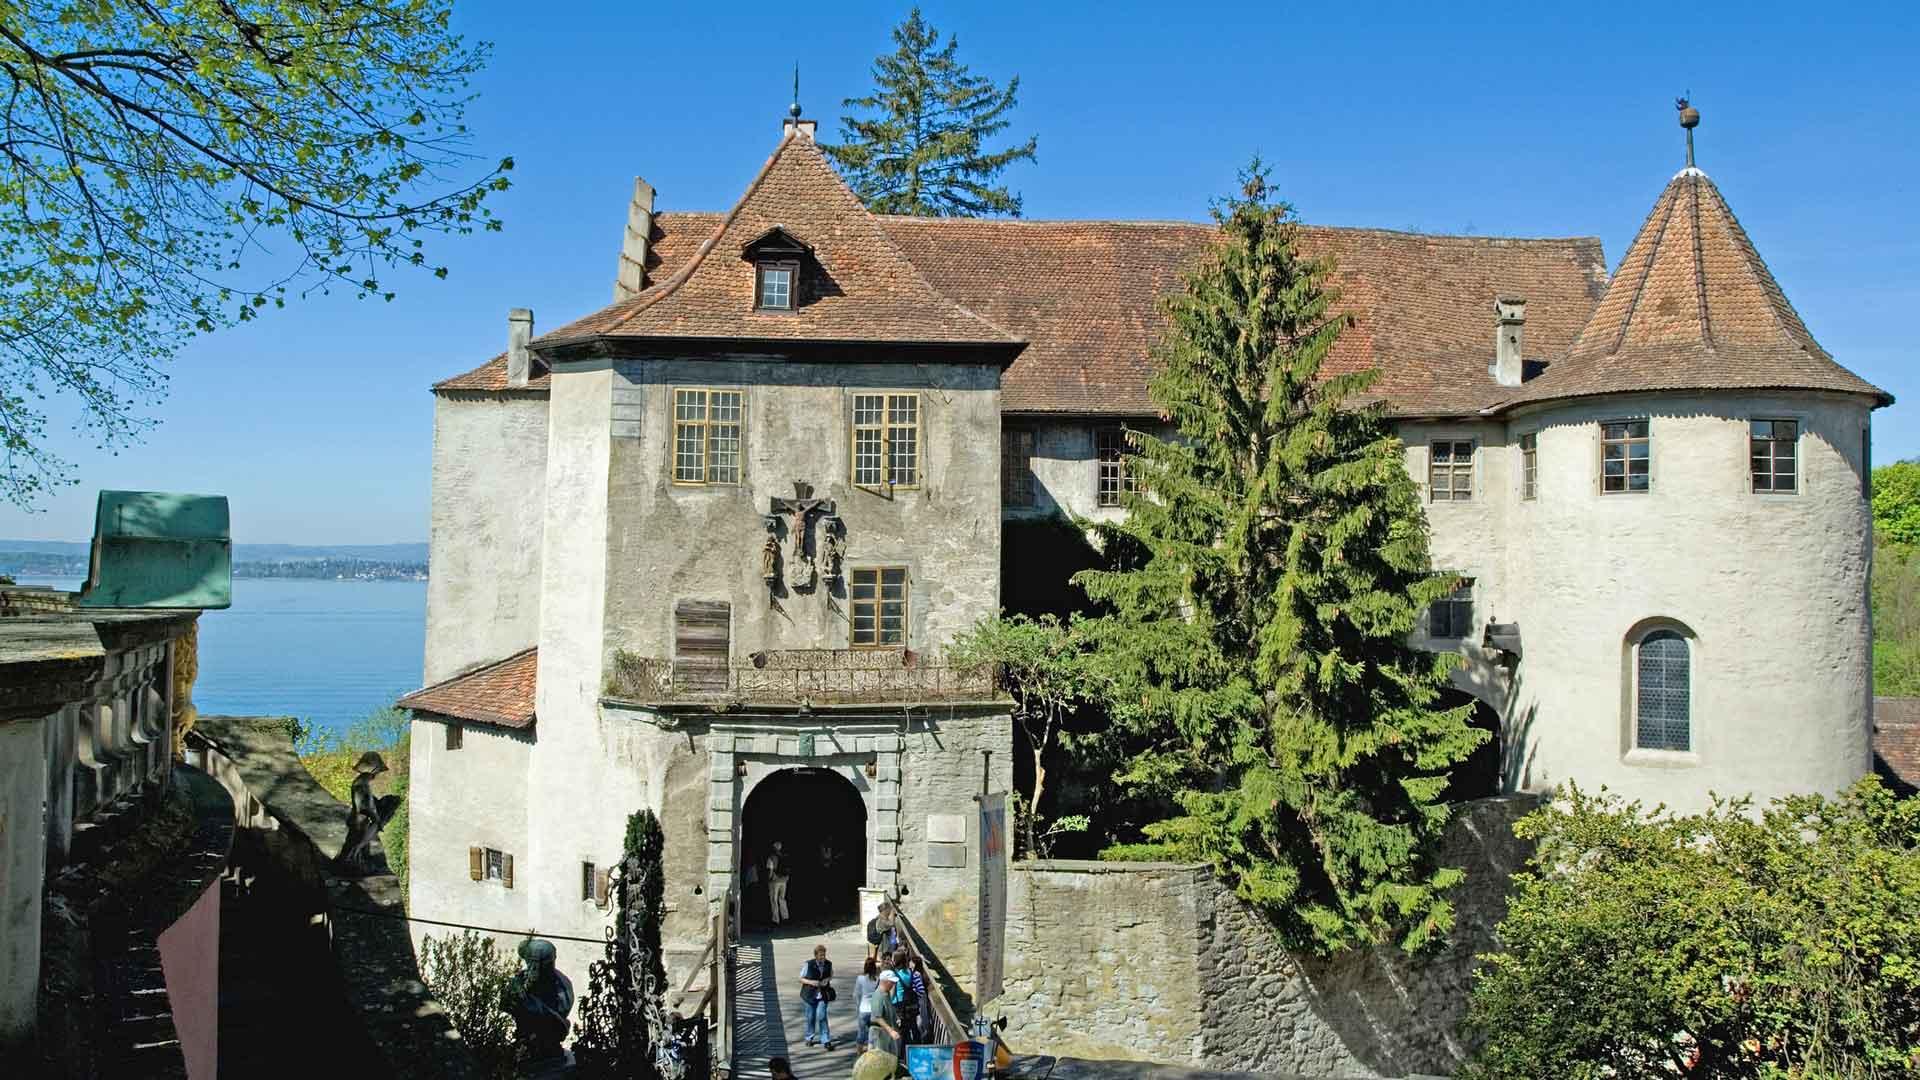 Het kasteel in Meersburg aan de Bodensee.